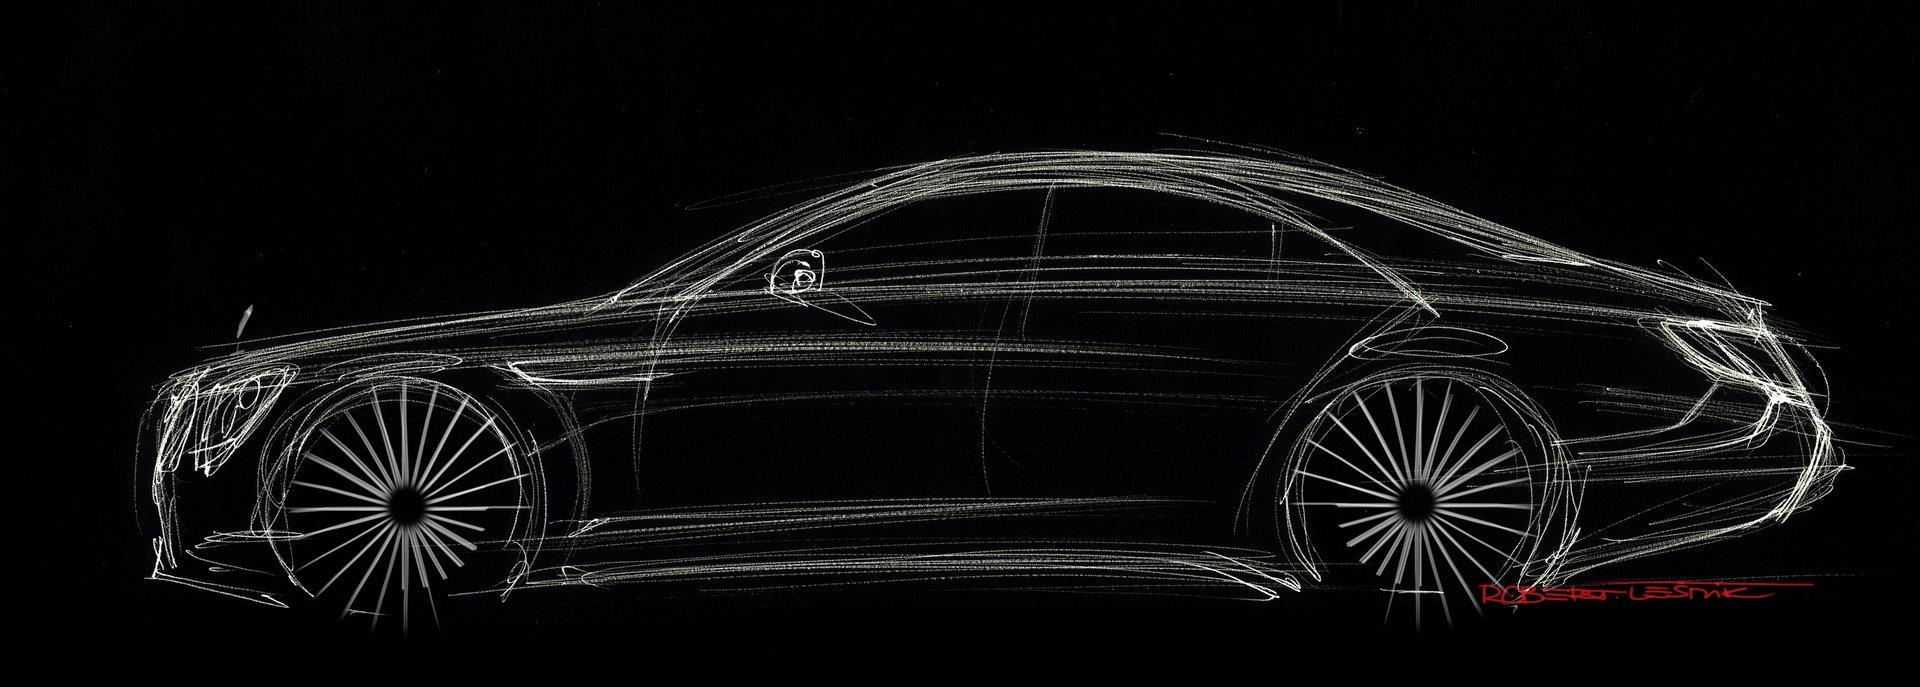 Mercedes-Benz W222 скетч